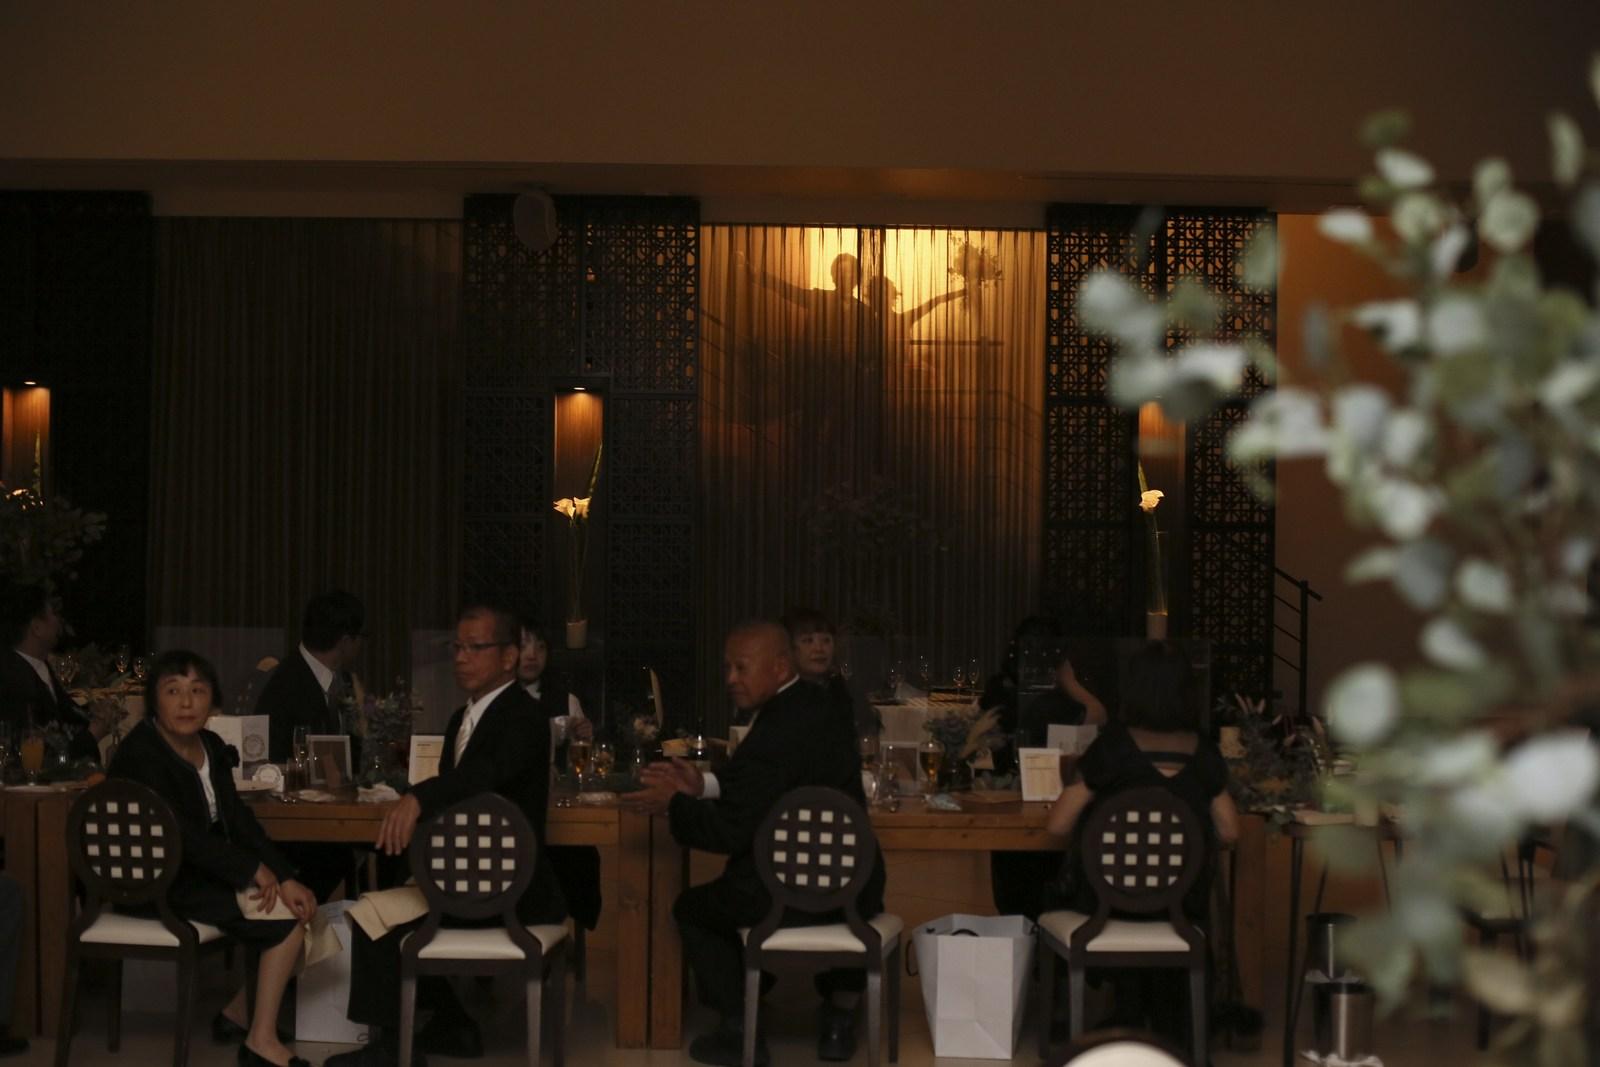 徳島県の結婚式場ブランアンジュのお色直しでシルエット入場を行う新郎新婦